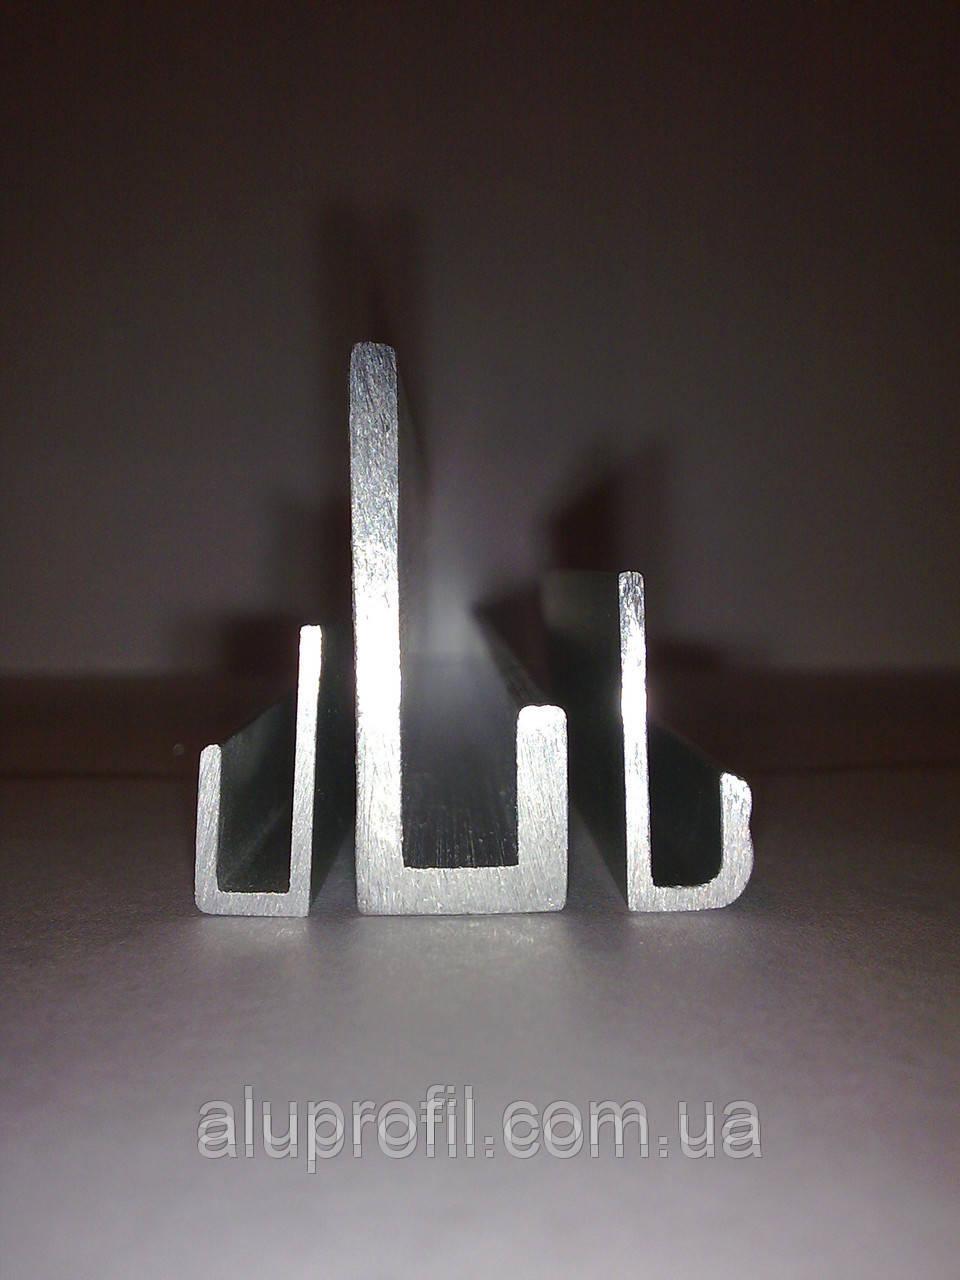 Алюминиевый профиль — специальный алюминиевый профиль 25х13х1,5 Б/П